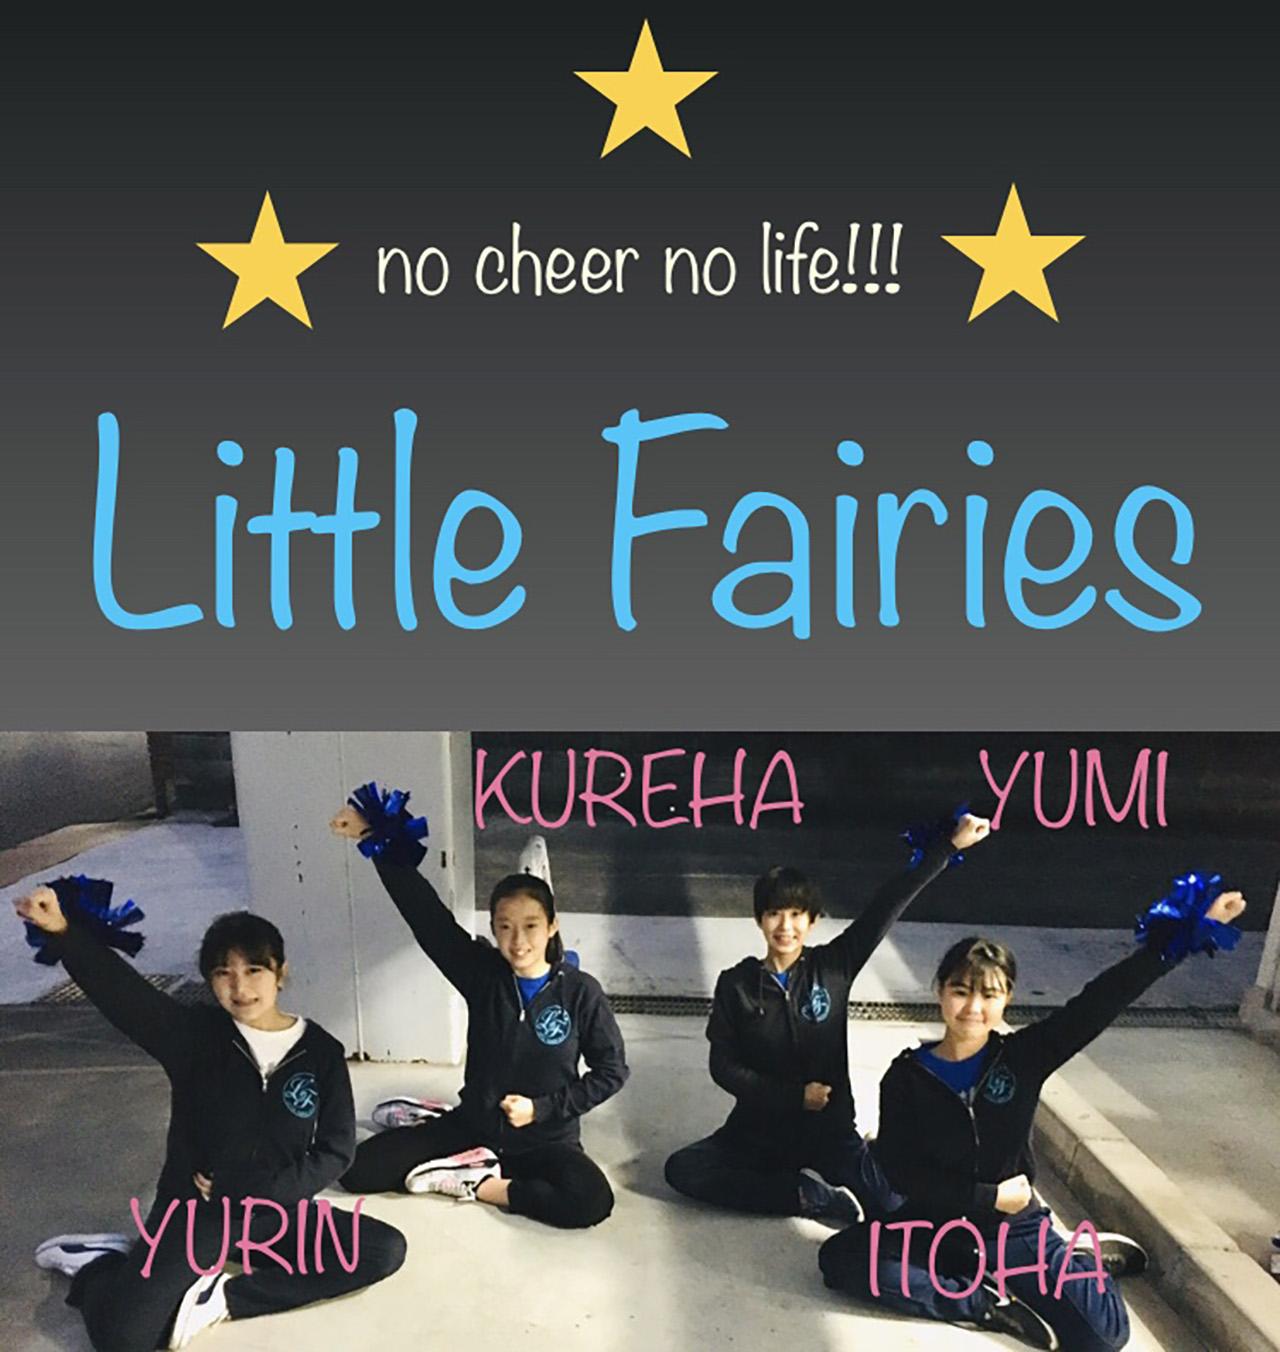 LittleFairies